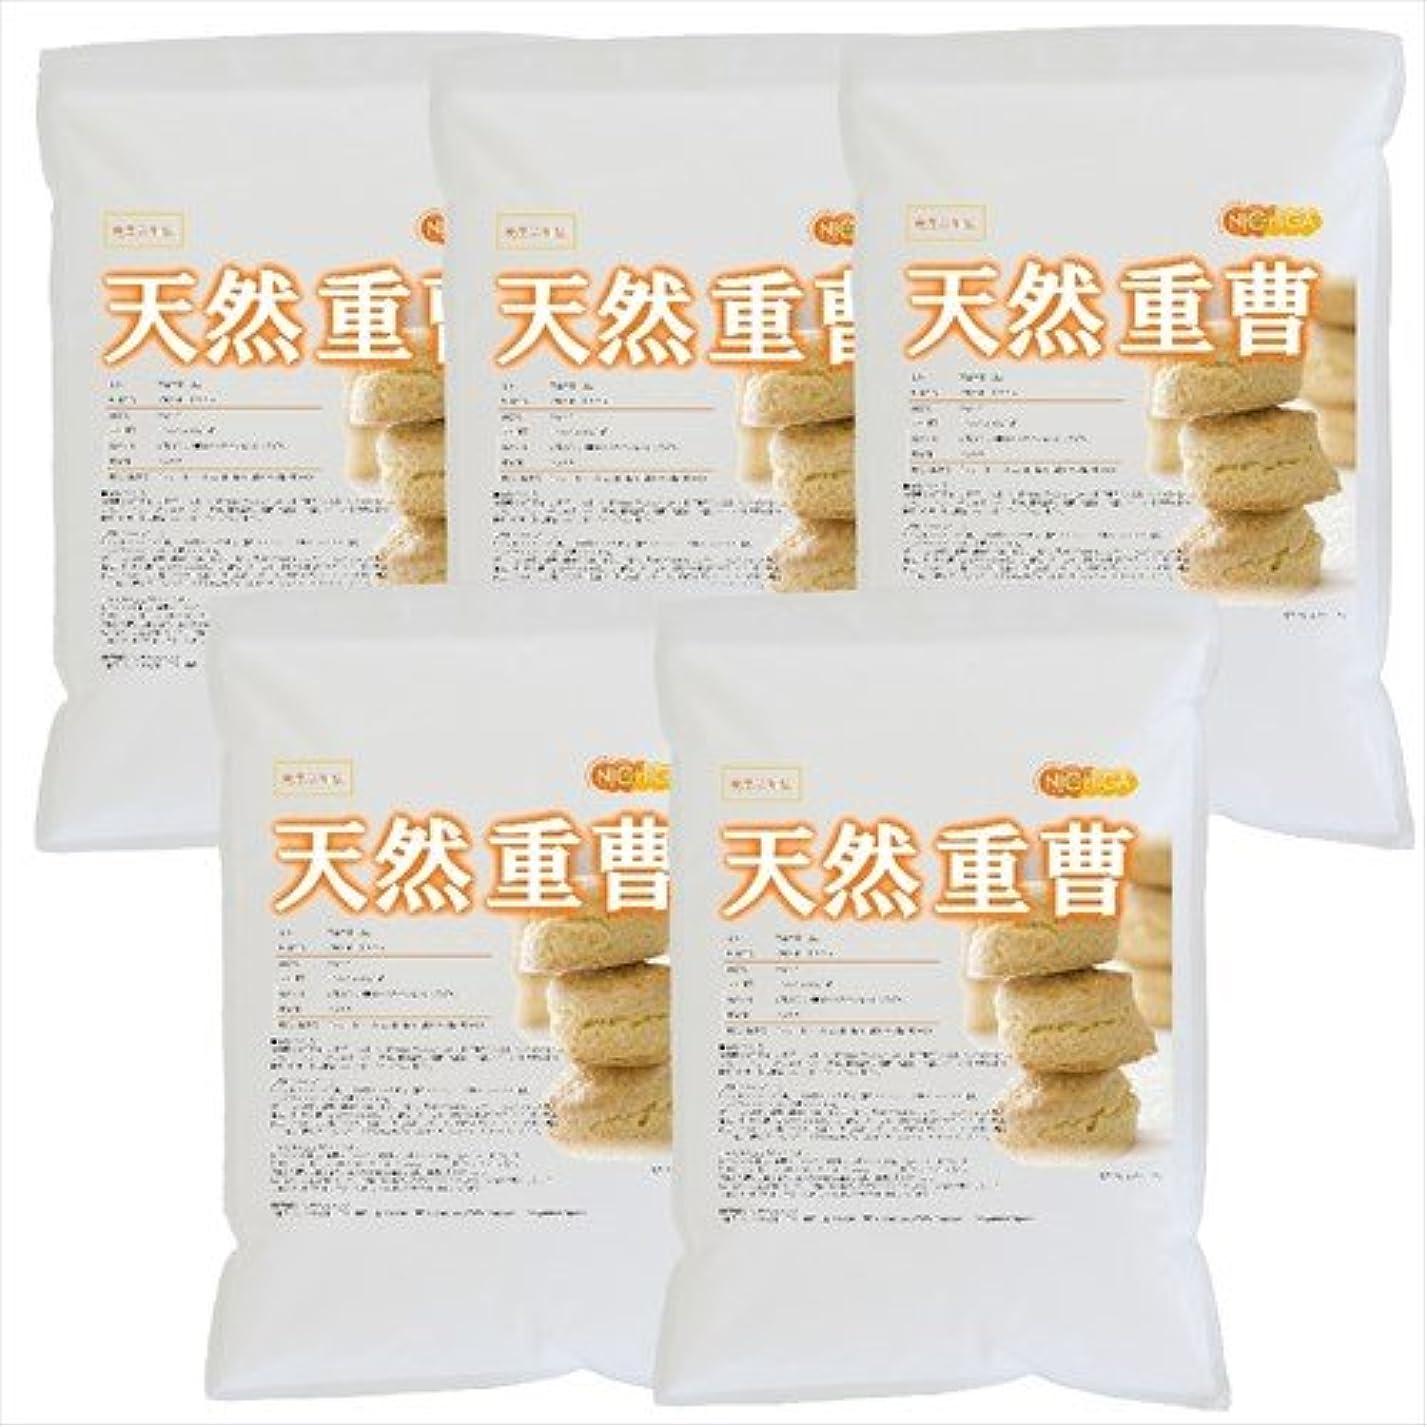 傷跡施設ドーム天然 重曹 5kg×5袋 [02] 【同梱不可】炭酸水素ナトリウム 食品添加物(食品用)NICHIGA(ニチガ)